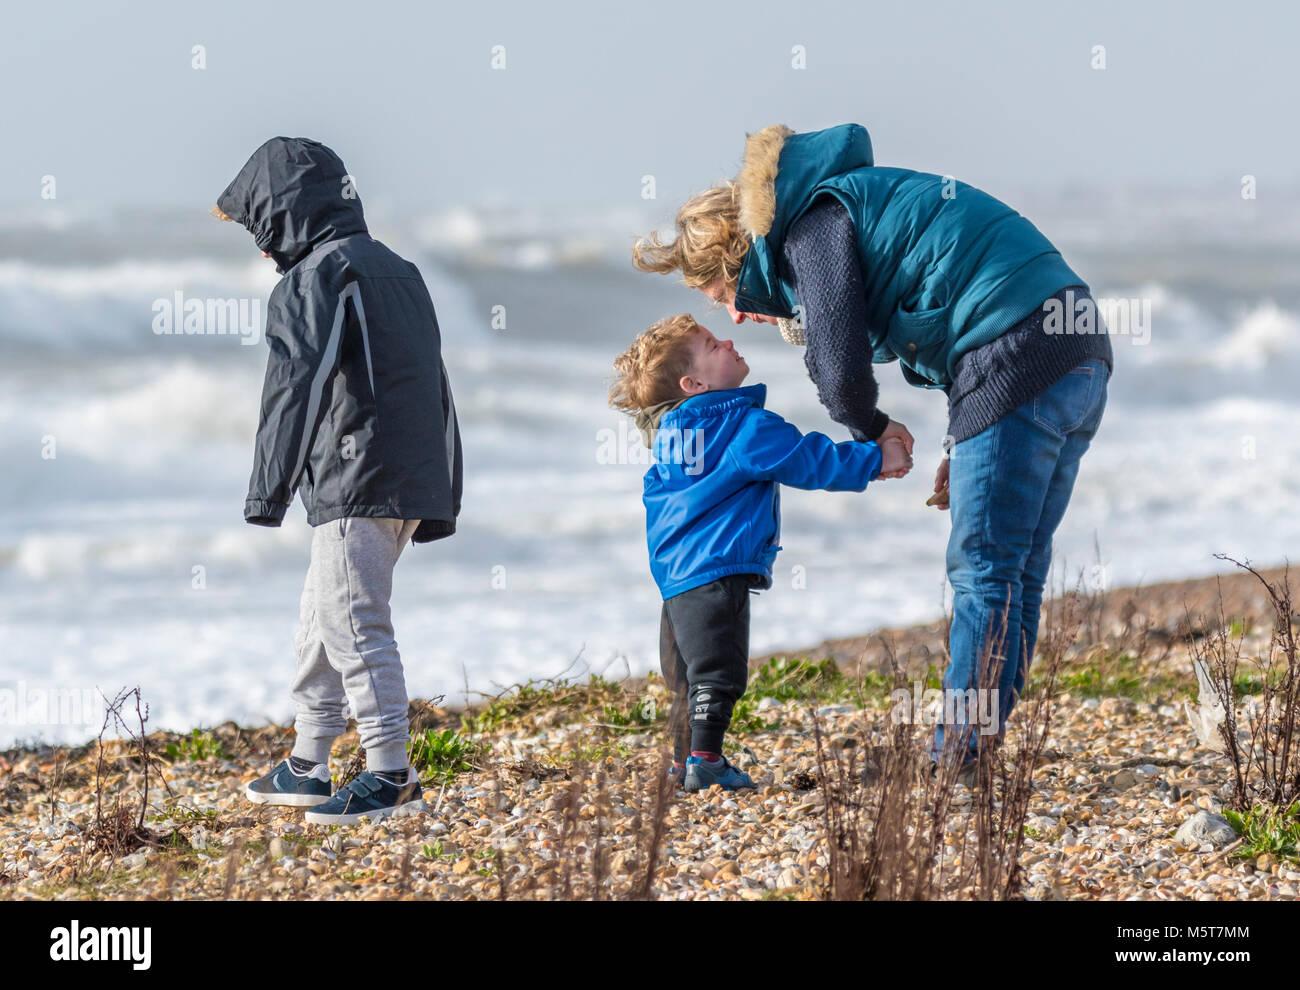 Mujer con 2 niños aparentando ser disciplinar a uno de ellos en una playa en una dura jornada de frío en invierno Foto de stock